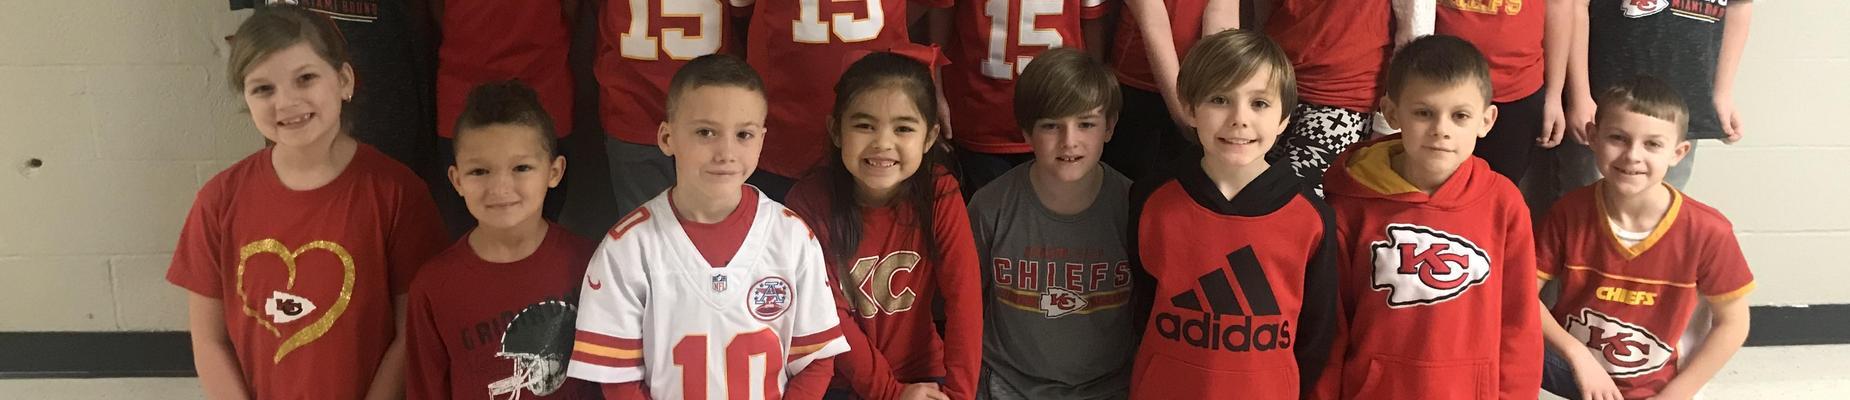 9 Children in Chiefs apparel